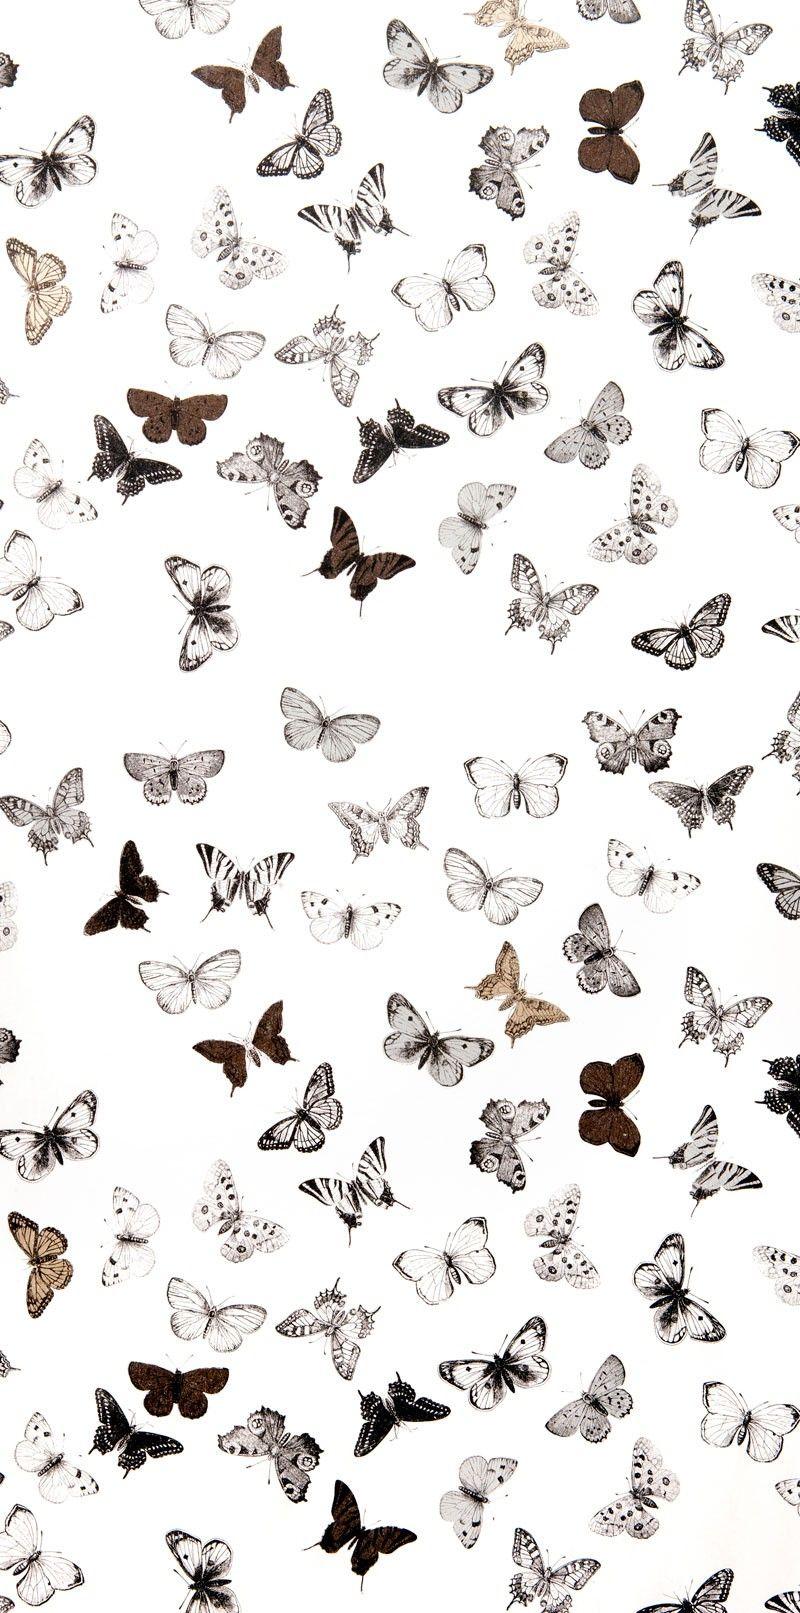 Wallpaper Butterfly White Blac Wallpaper Collection Butterfly Wallpaper Iphone Iphone Wallpaper Vintage Butterfly Wallpaper